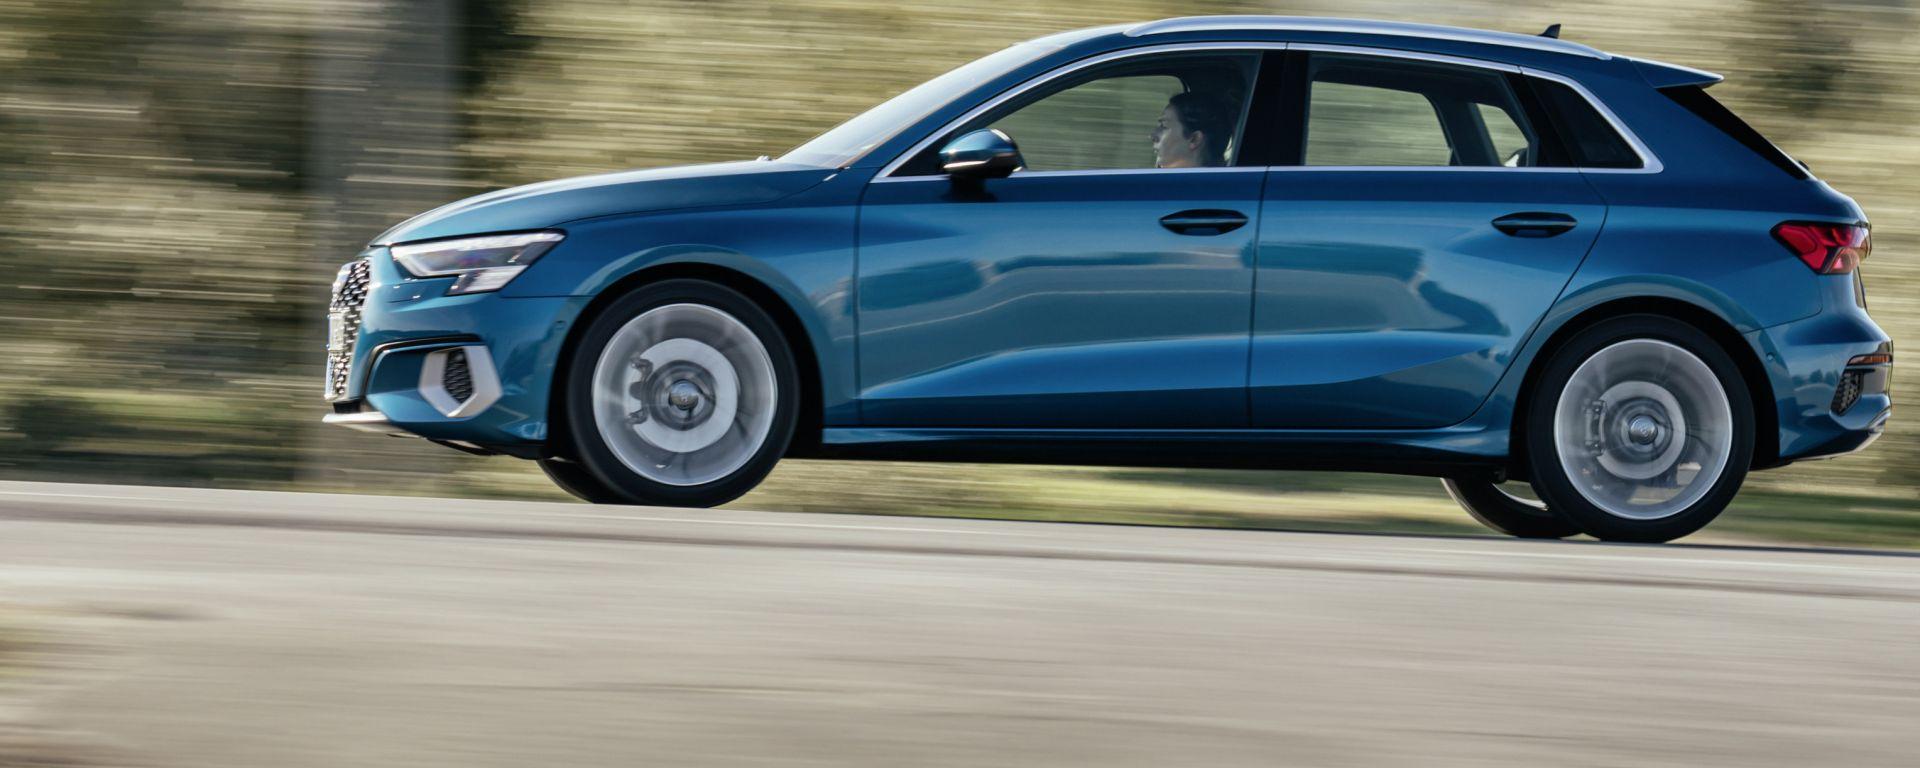 Nuova Audi A3 Sportback 30 TFSI